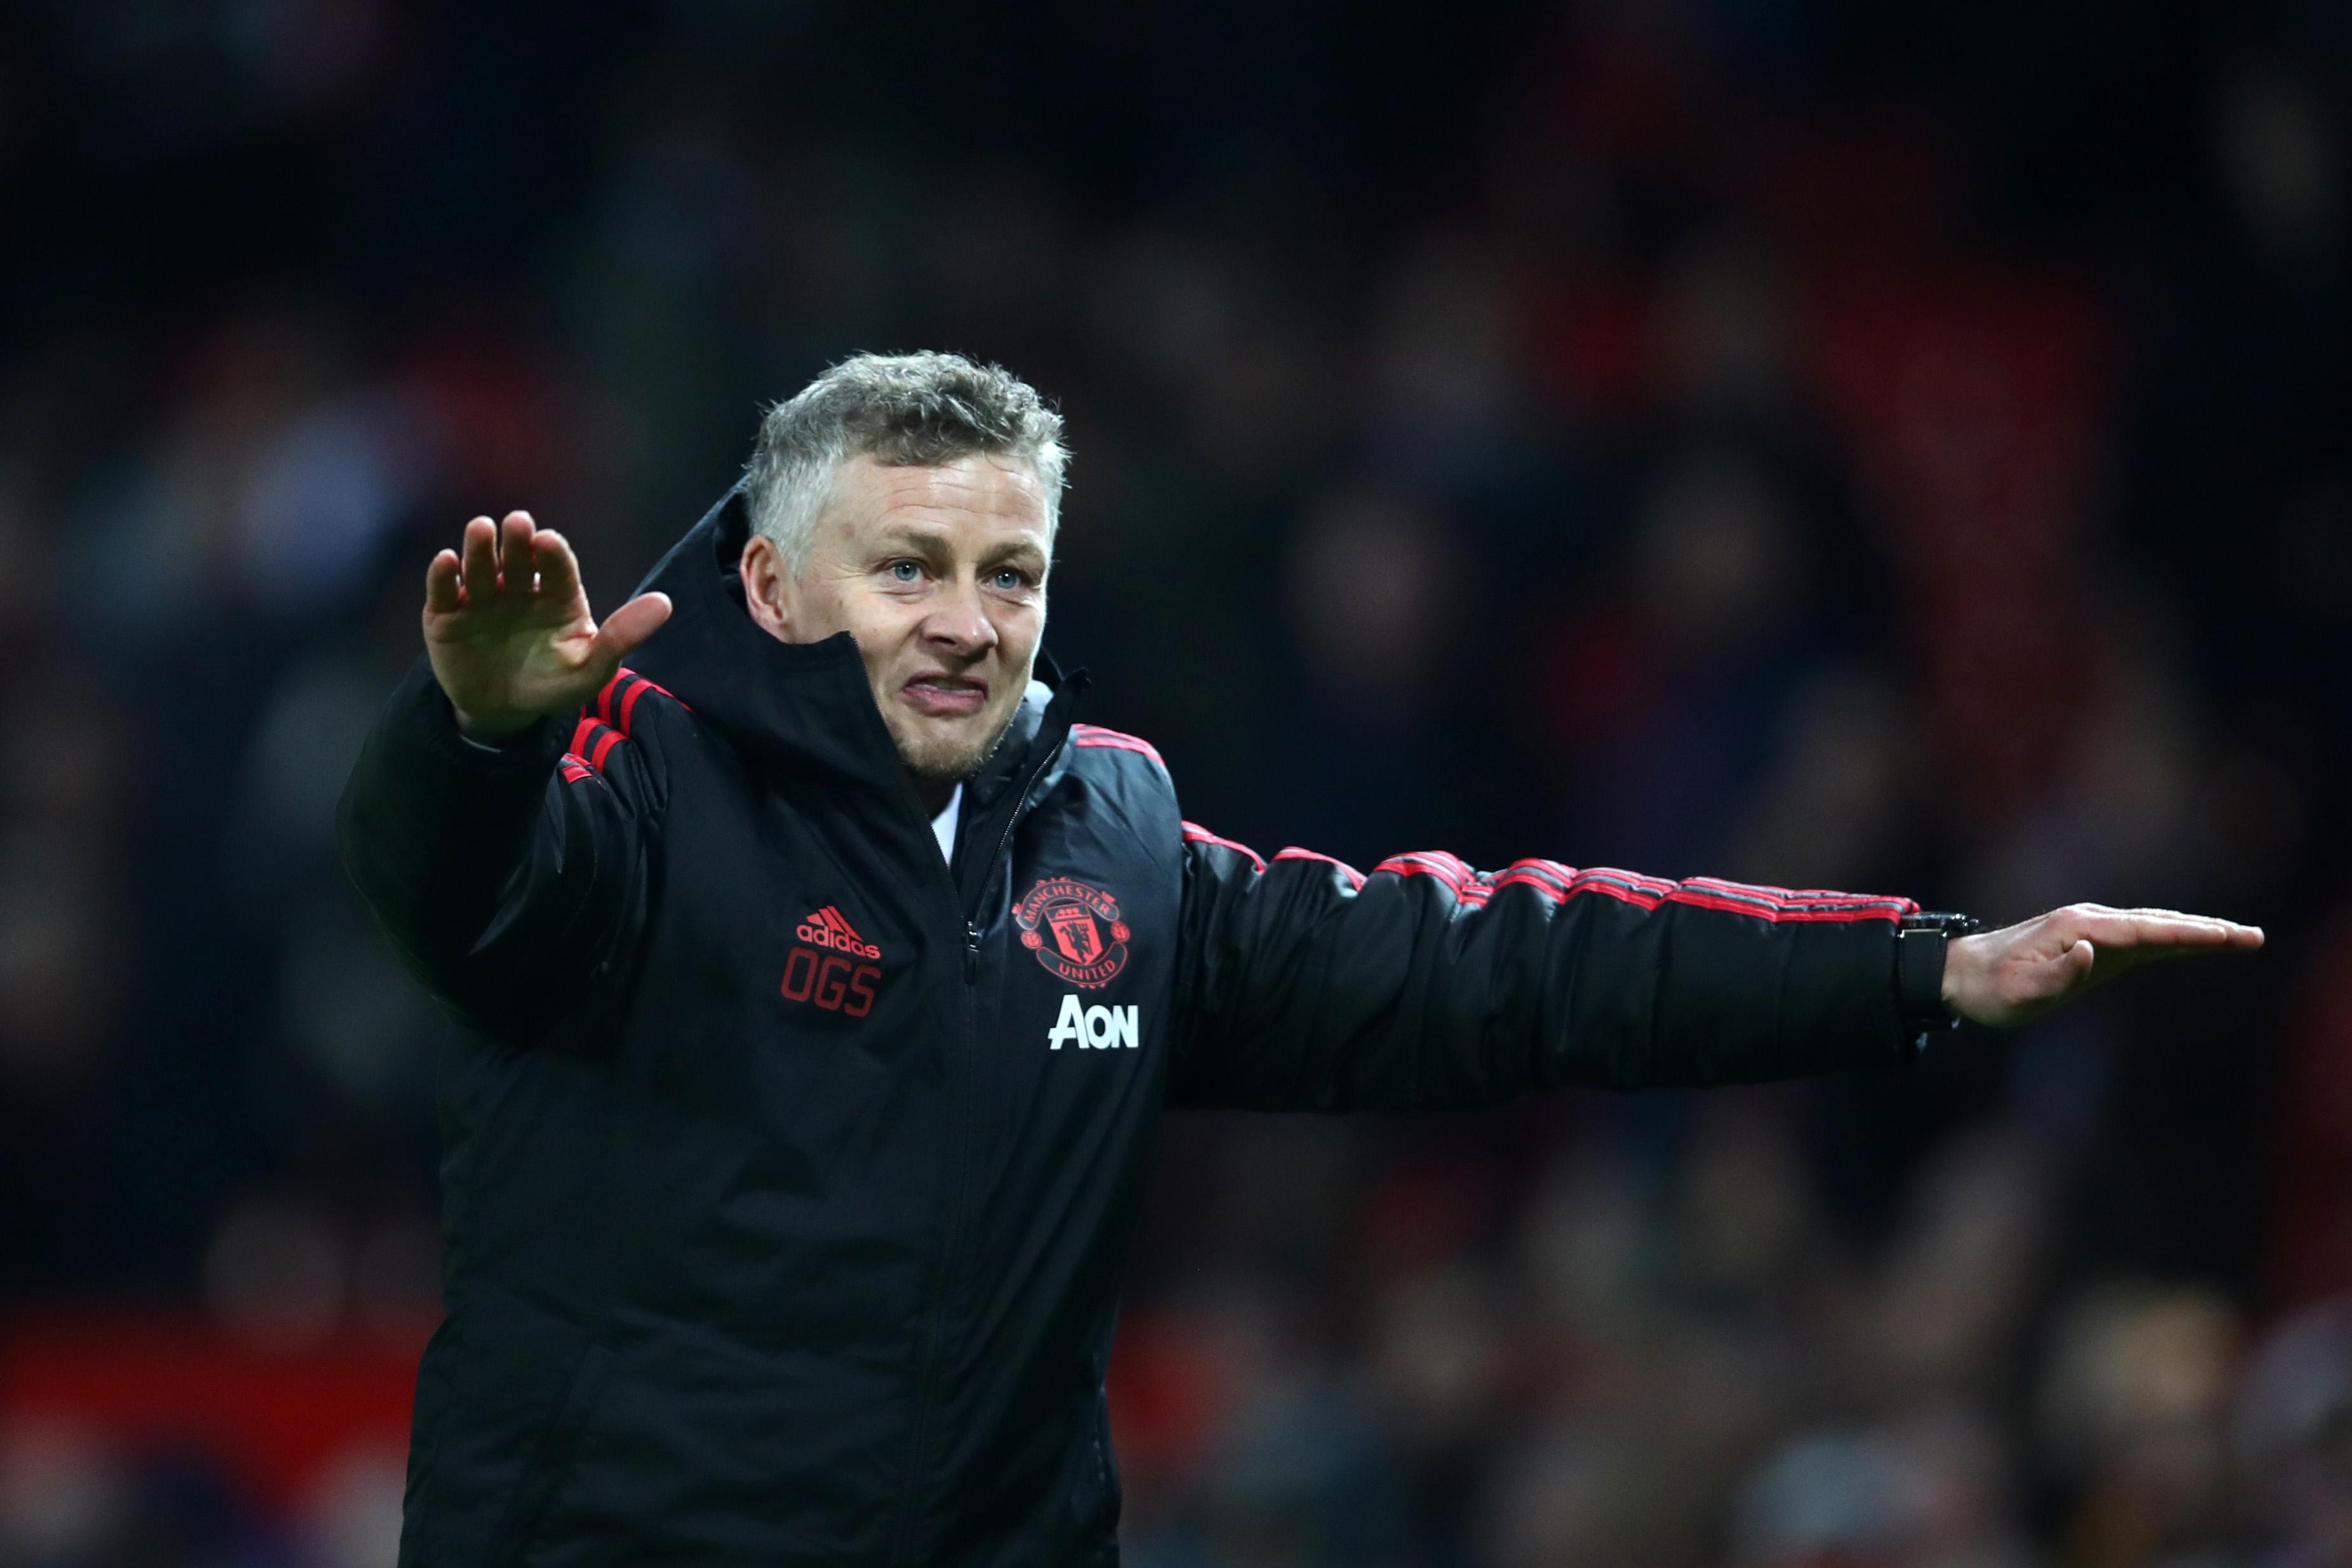 Ole Gunnar Solskjaer, Interim Manager of Manchester United (Clive Brunskill/Getty Images)